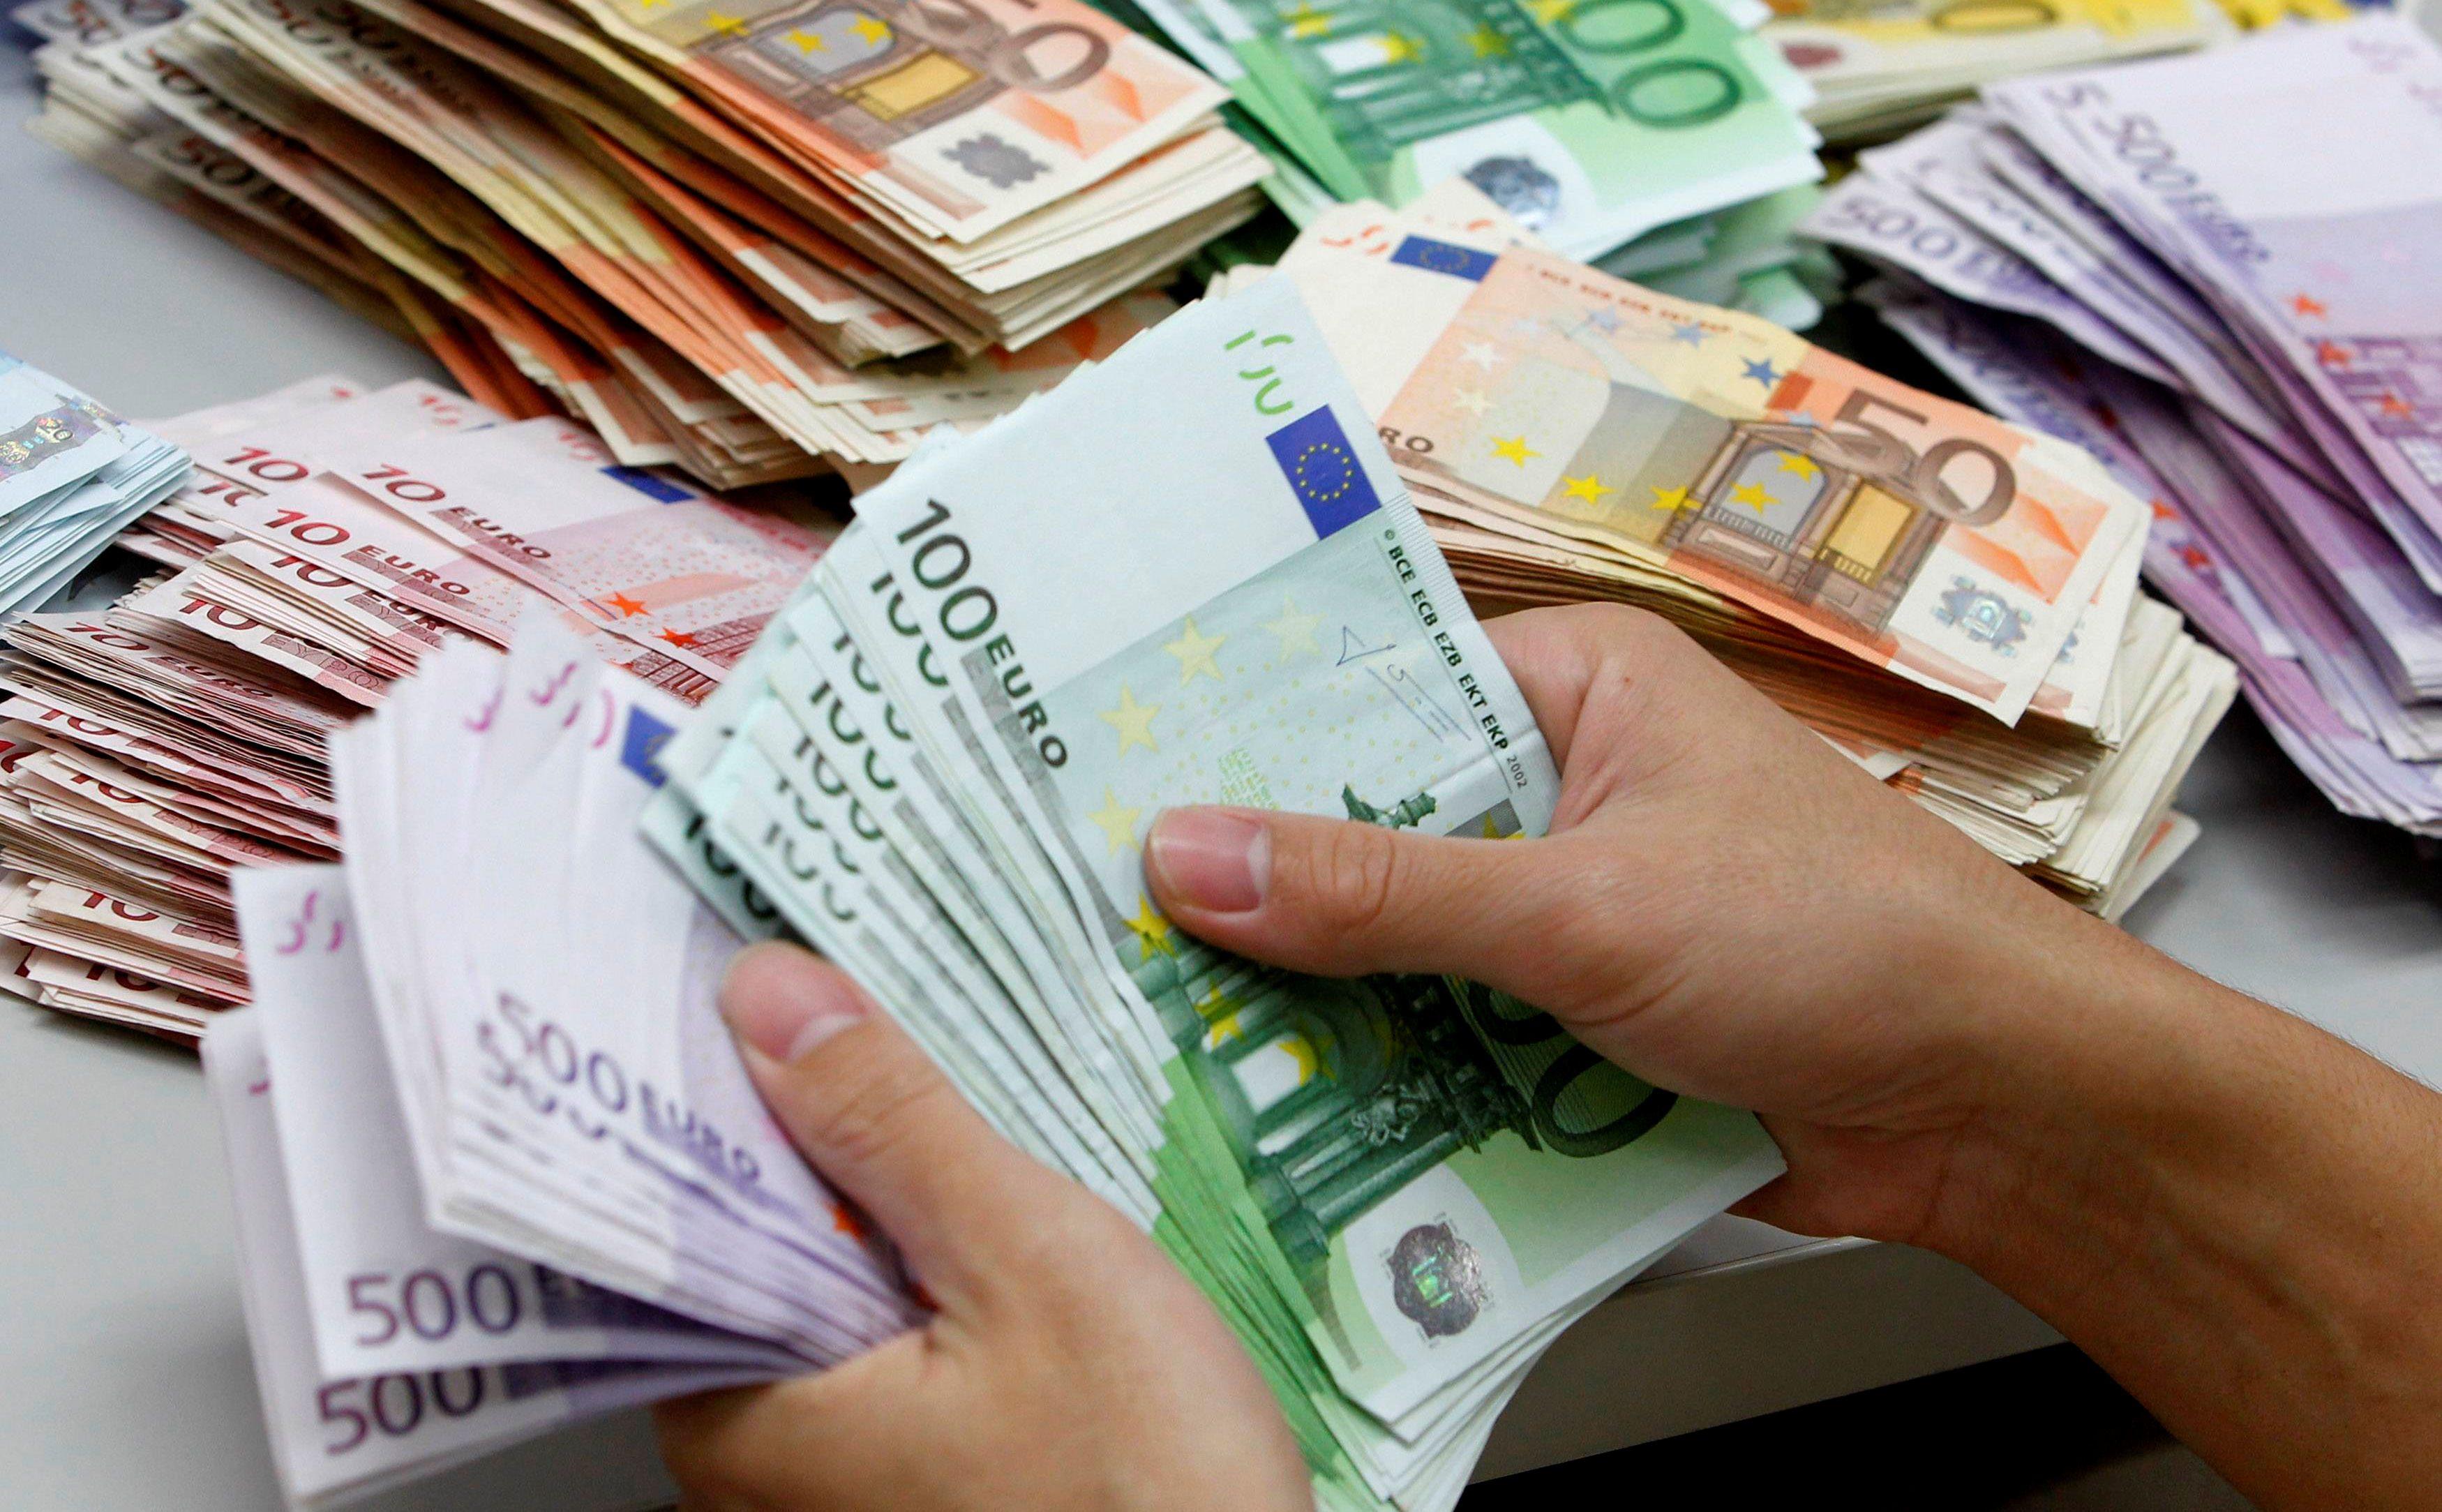 Vittoria, in preparazione bando per affidare a ditta esterna riscossione tributi